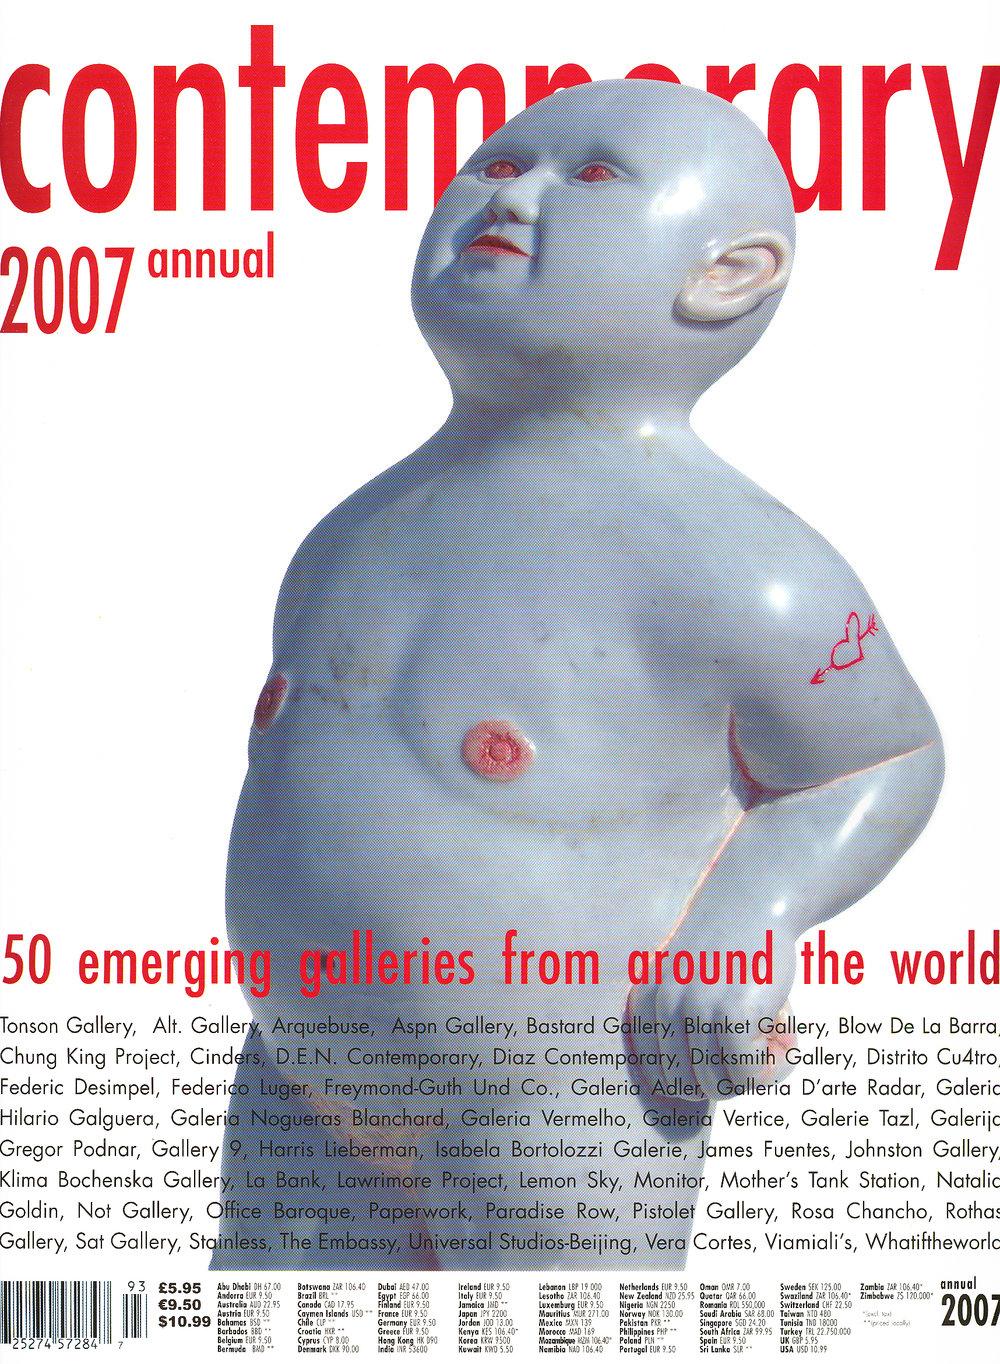 07 Contemporary-cover.jpg